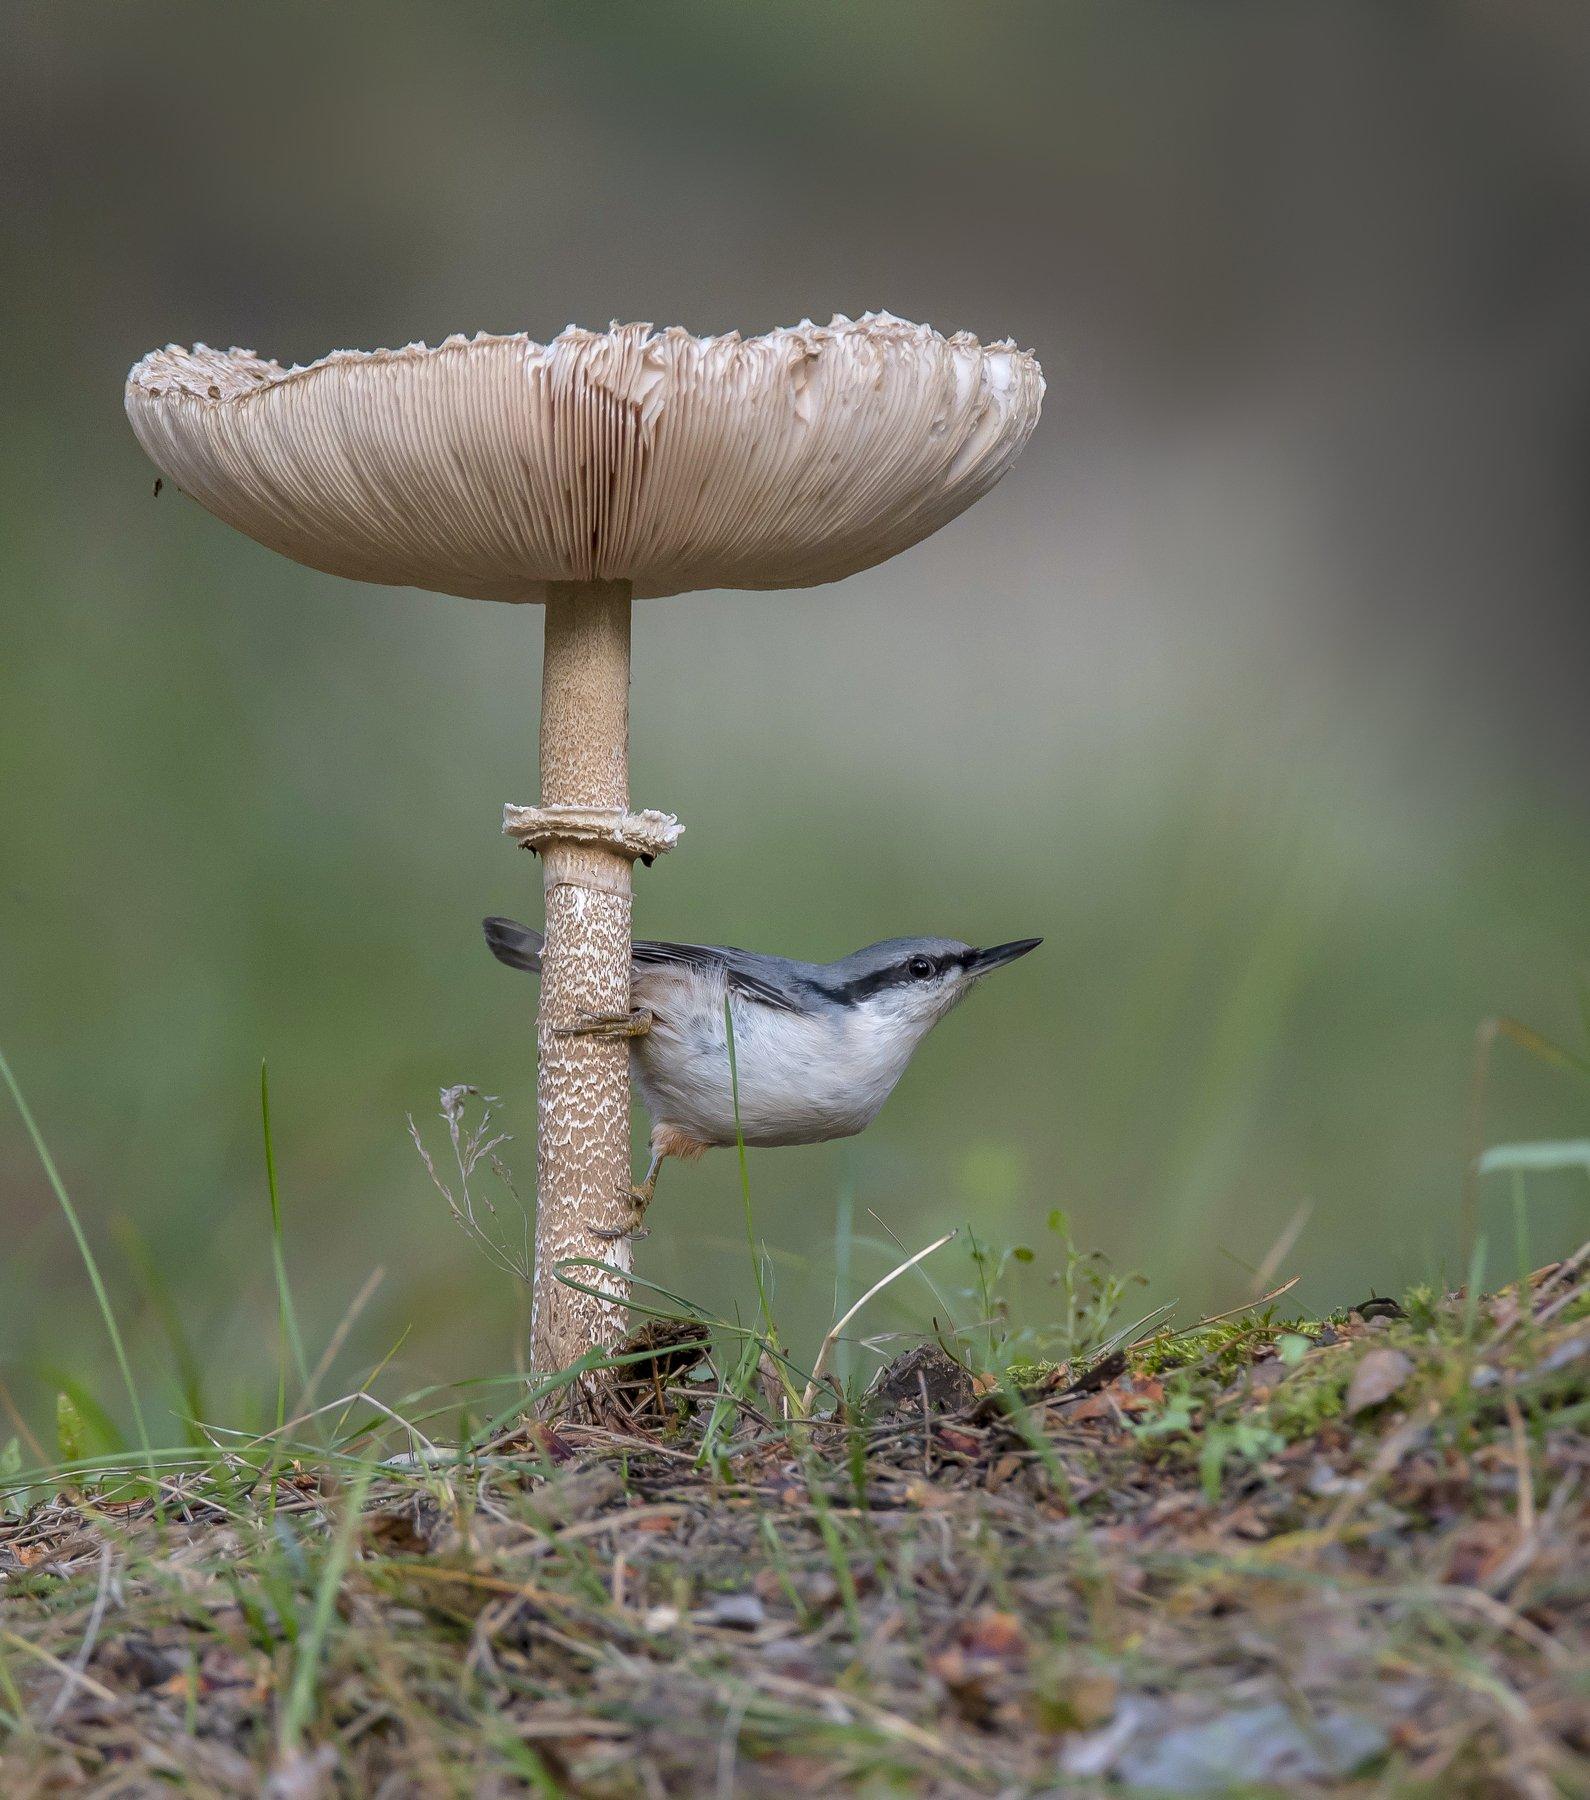 природа,лес,грибы,лето, Киселёв Андрей